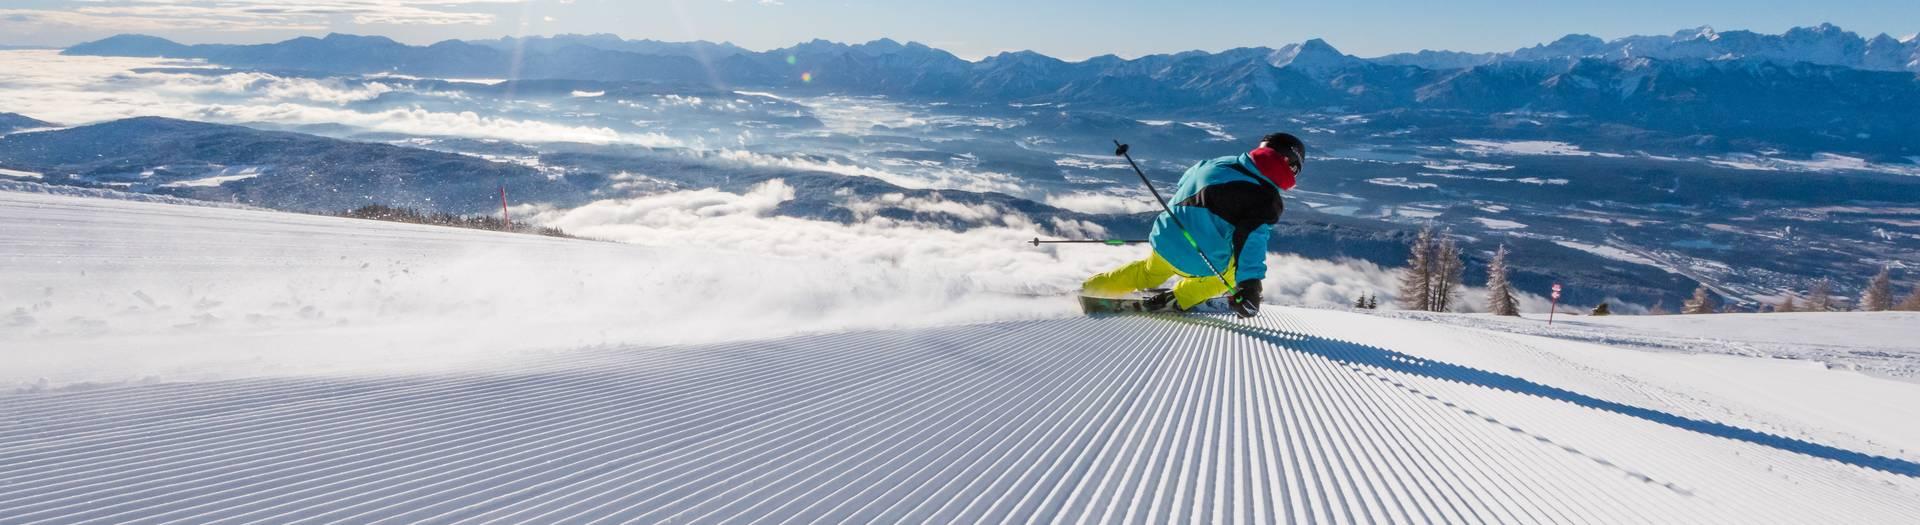 Region Villach Winter Gerlitzen Ski Michael Stabentheiner